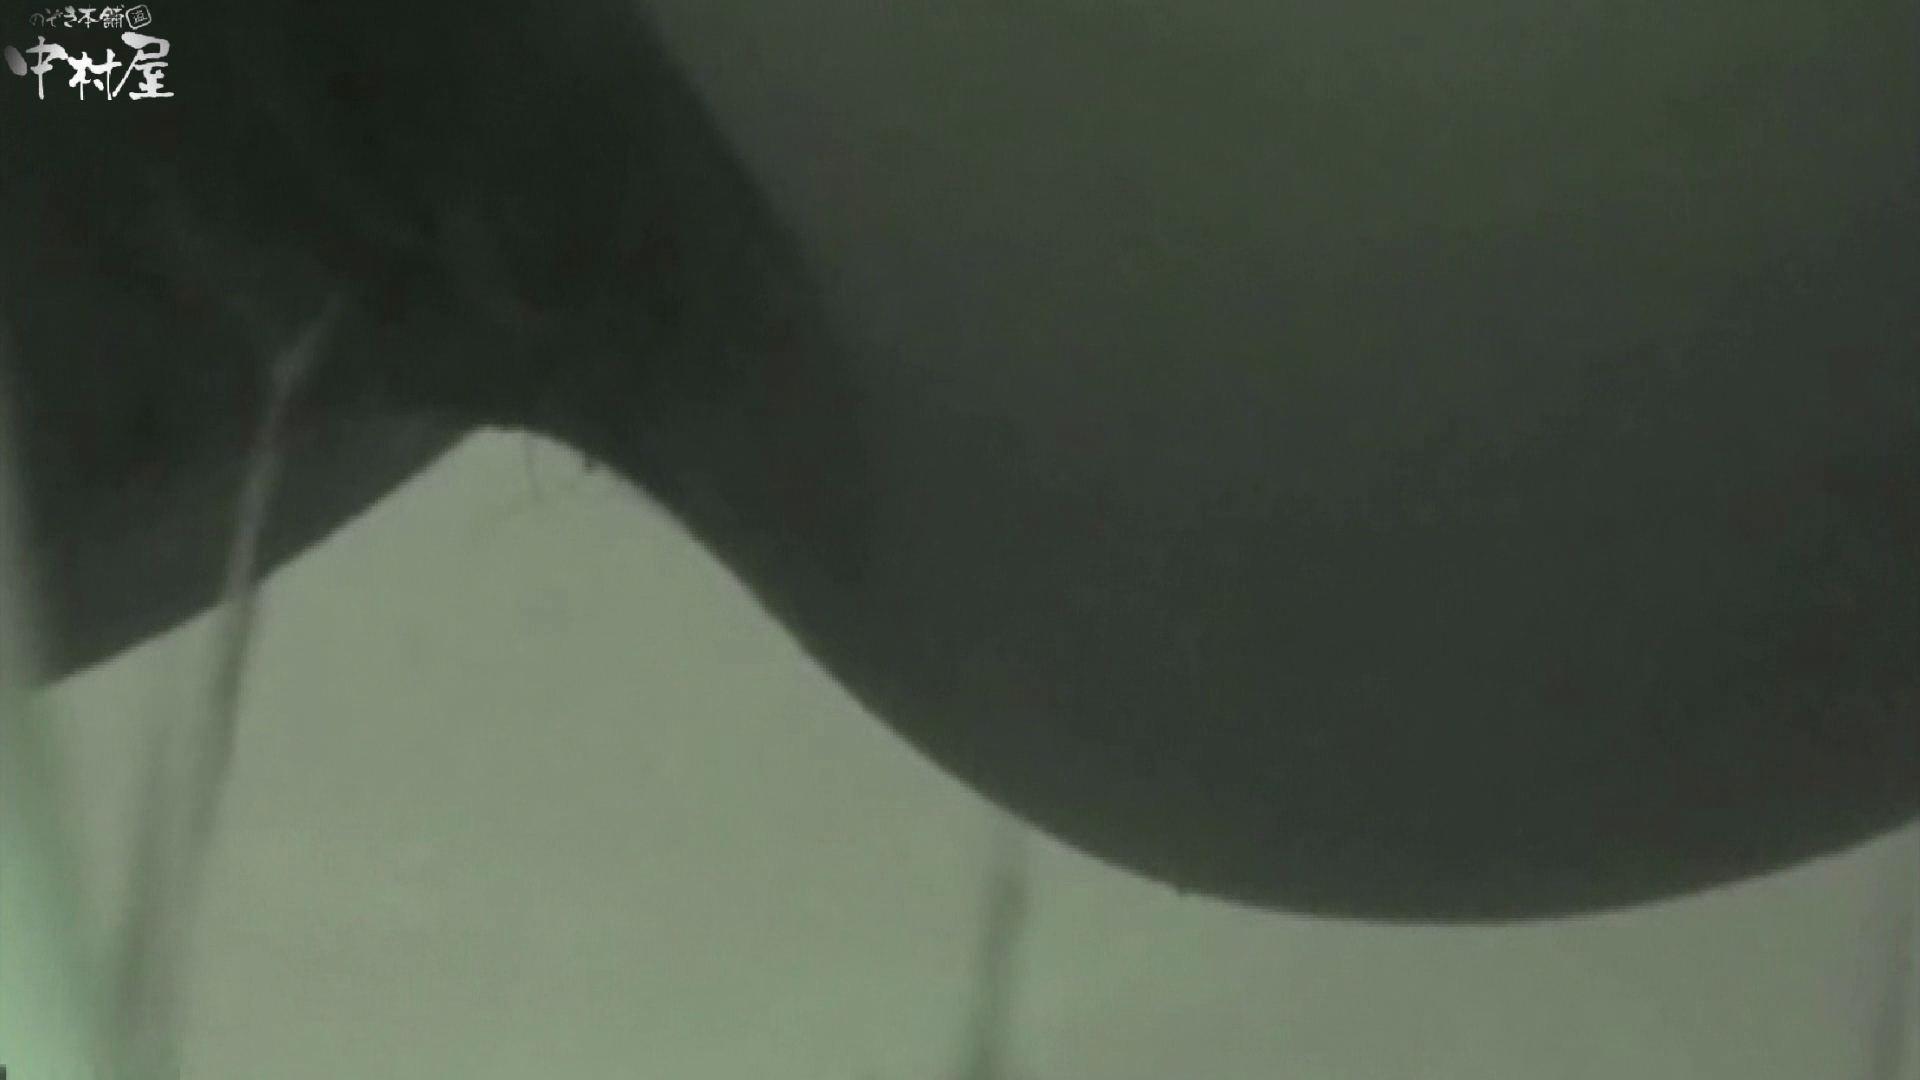 解禁!海の家4カメ洗面所vol.14 洗面所 のぞきおめこ無修正画像 111画像 78